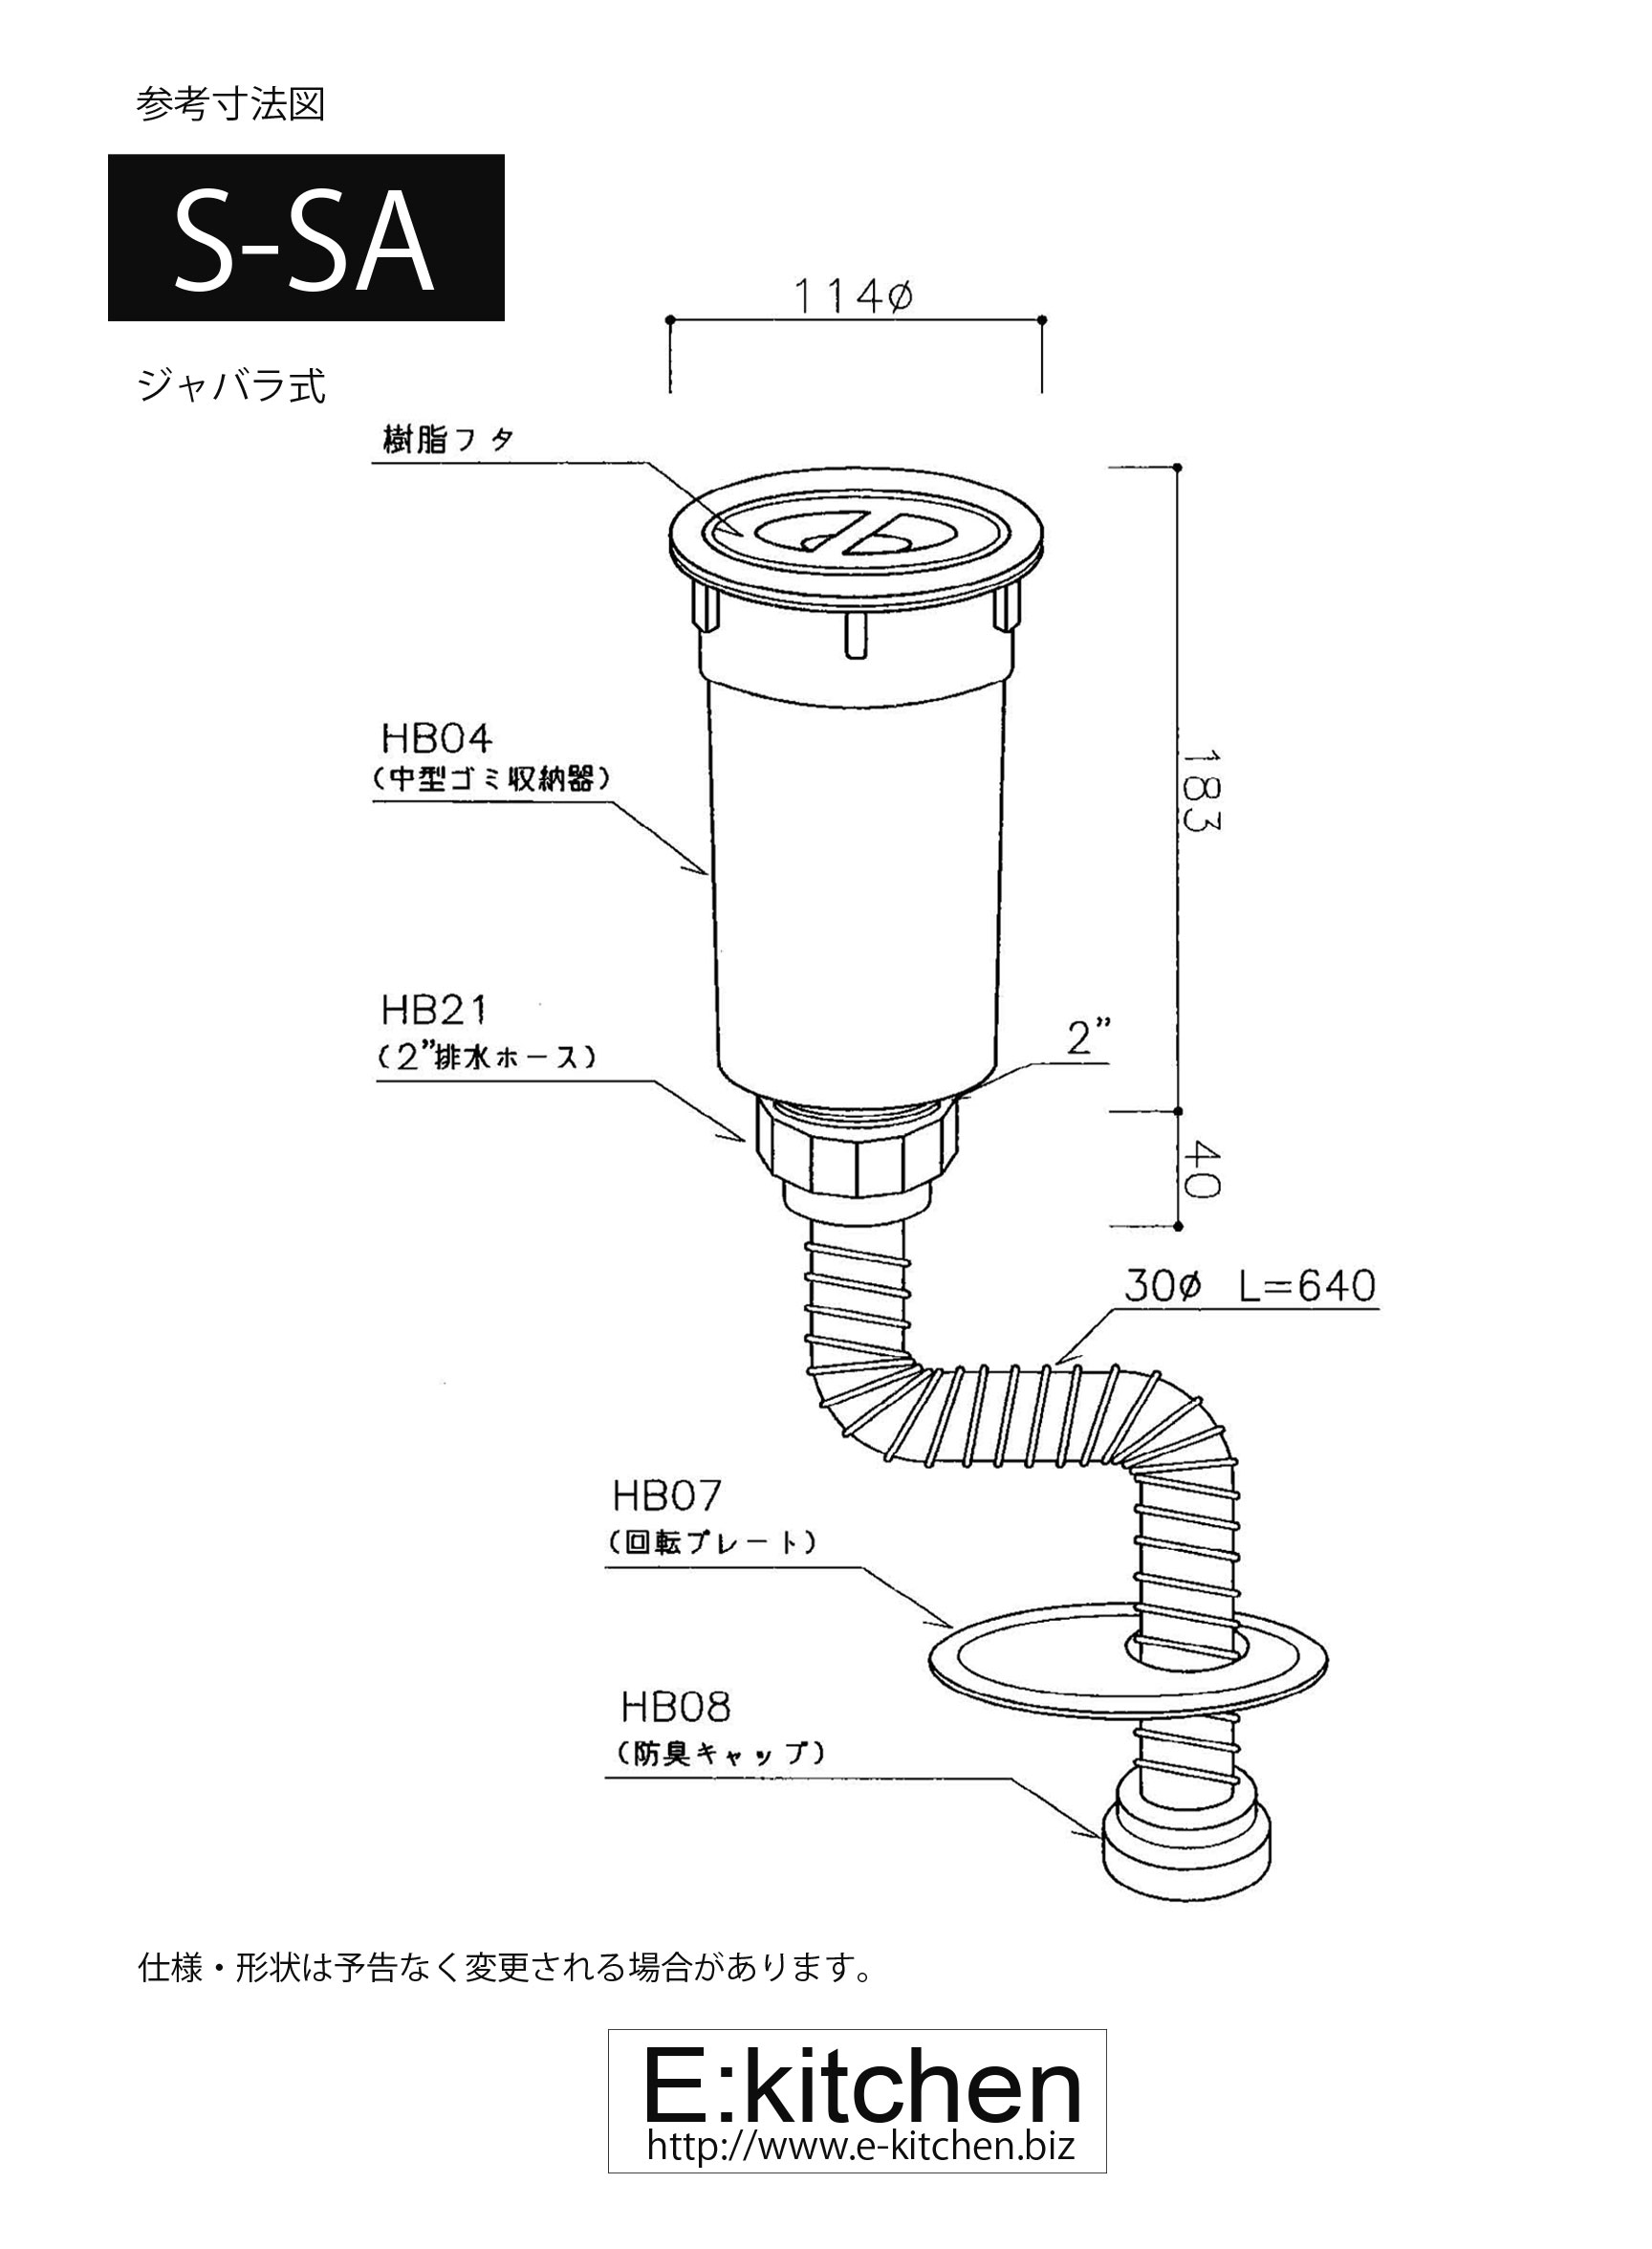 CKシリーズ 排水部品S-SA